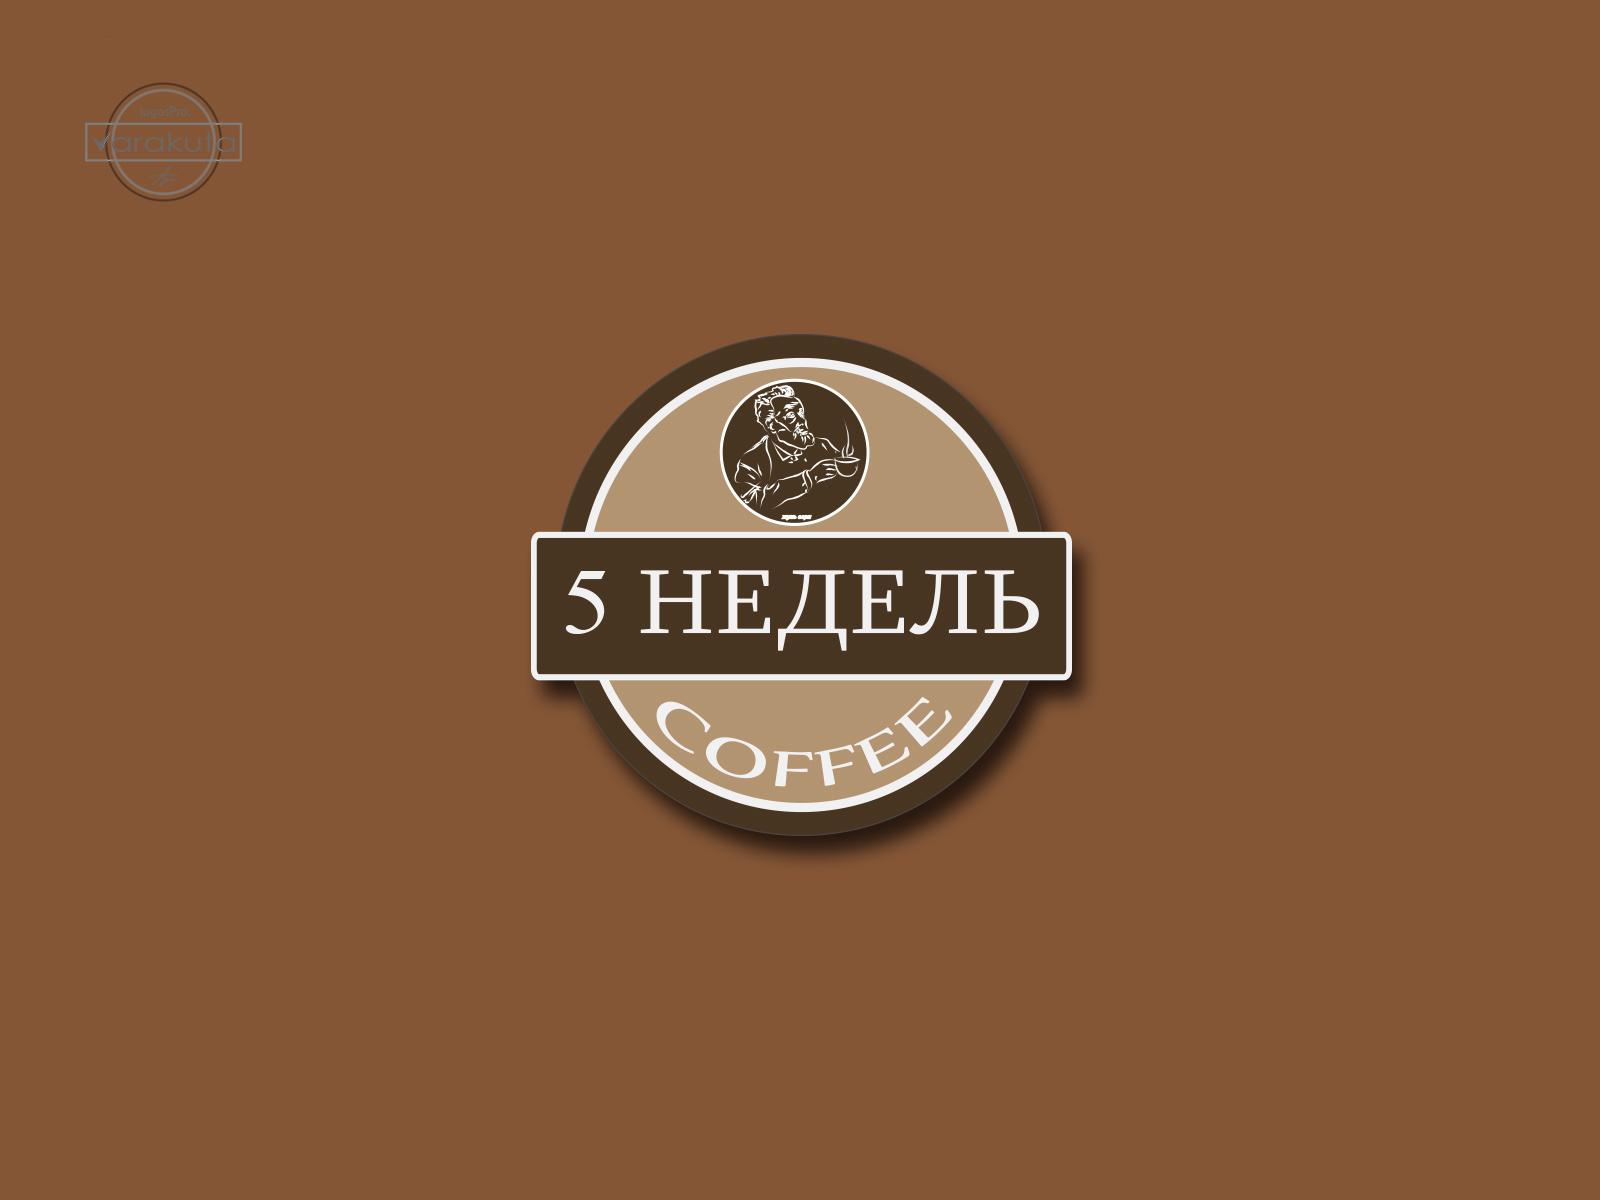 Логотип для кафе фото f_39159b59c7c8d96b.jpg